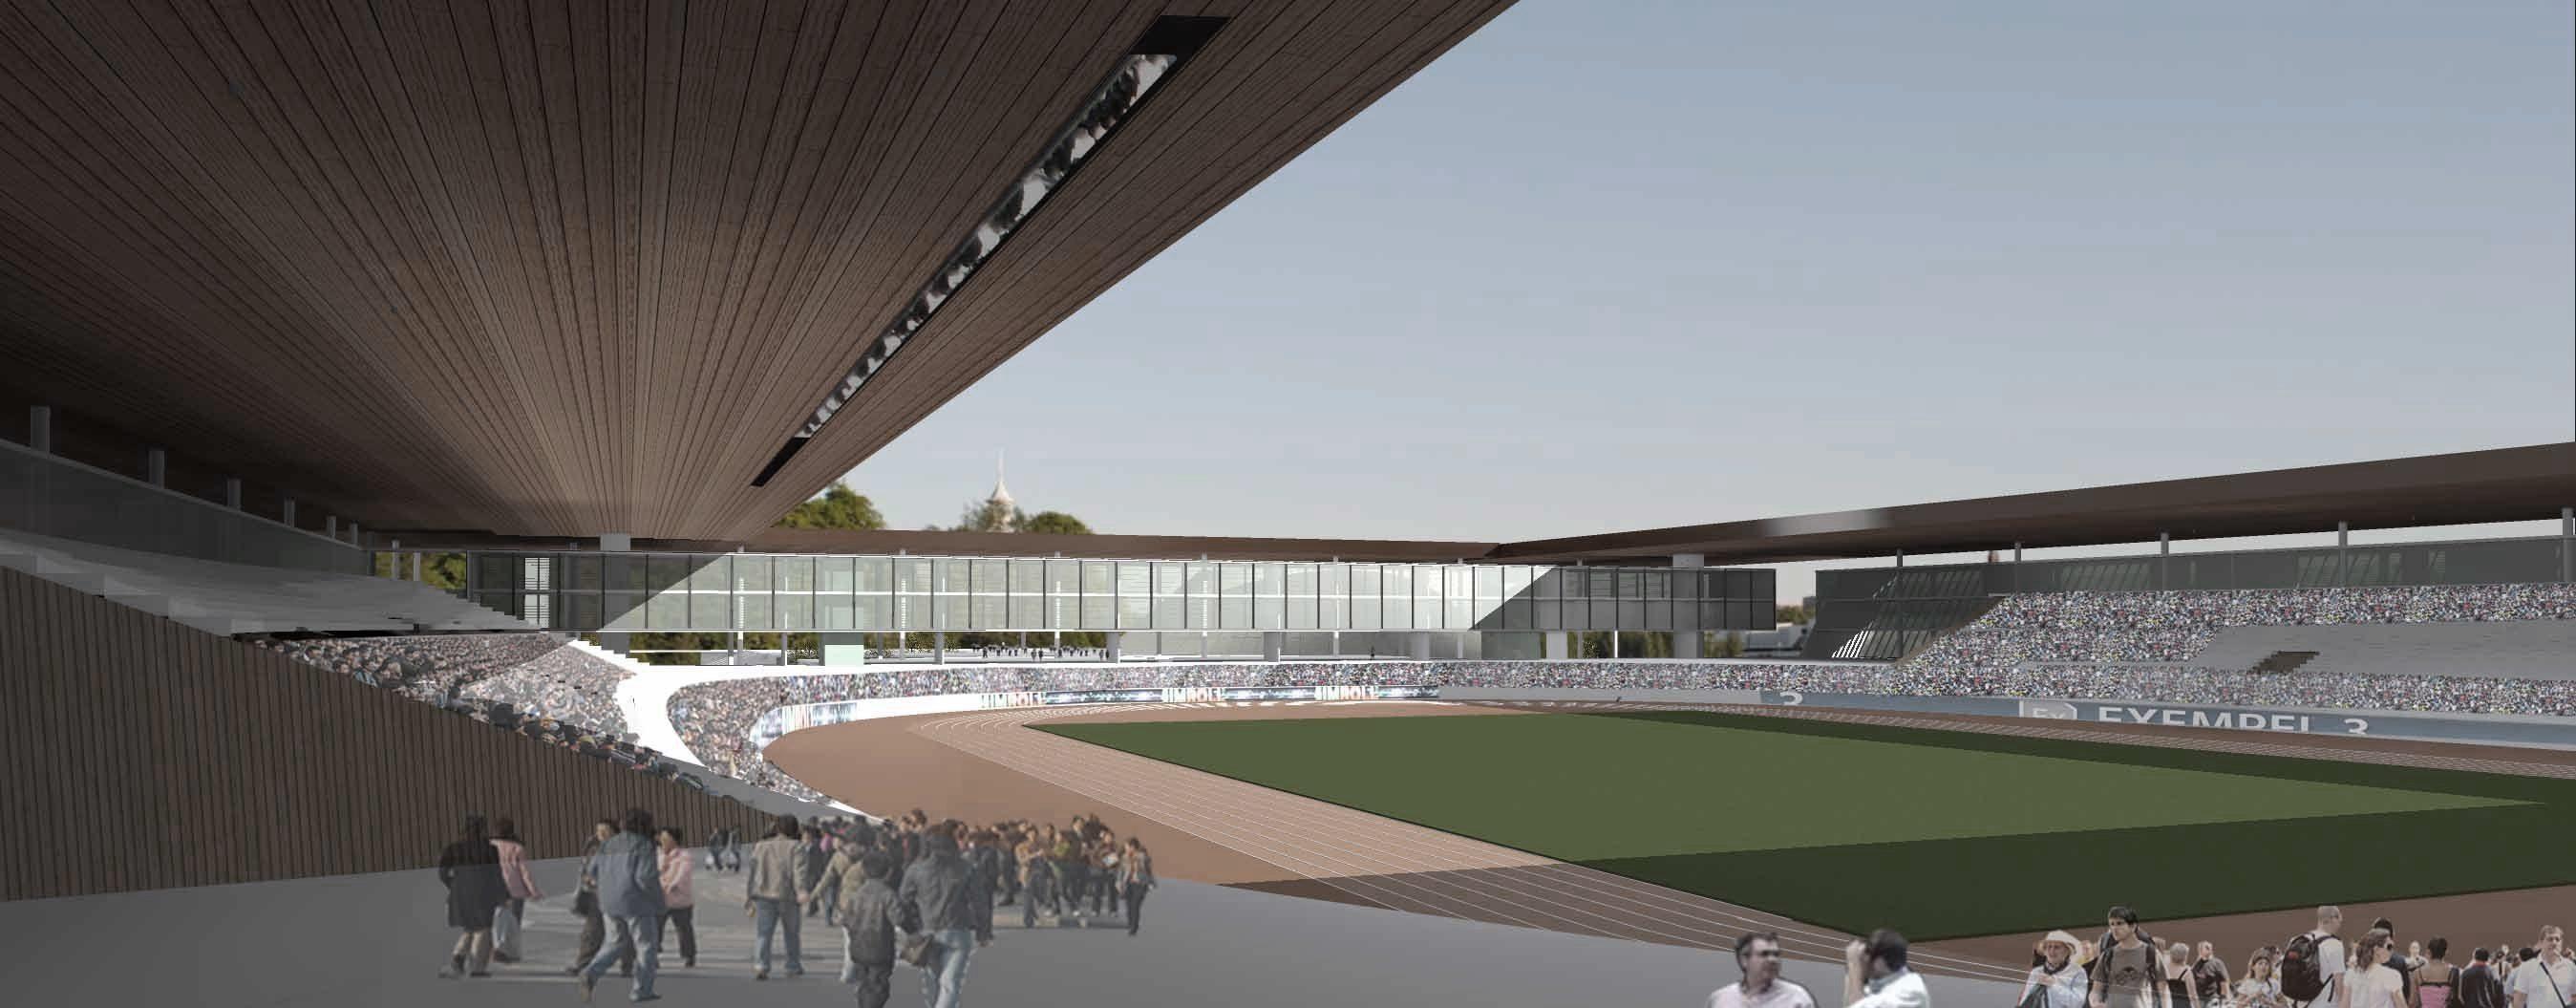 The Batumi stadium